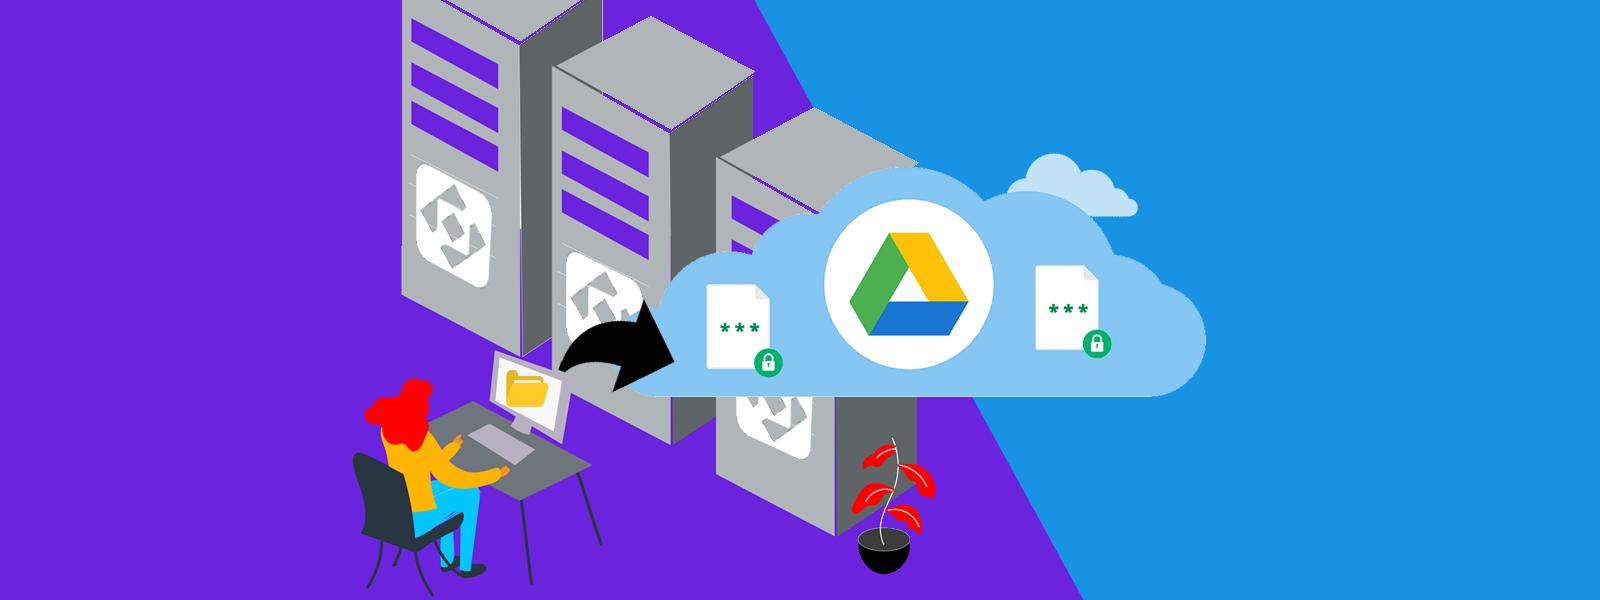 Por qué usar Google Drive para guardar archivos en lugar ocupar espacio de tu hosting